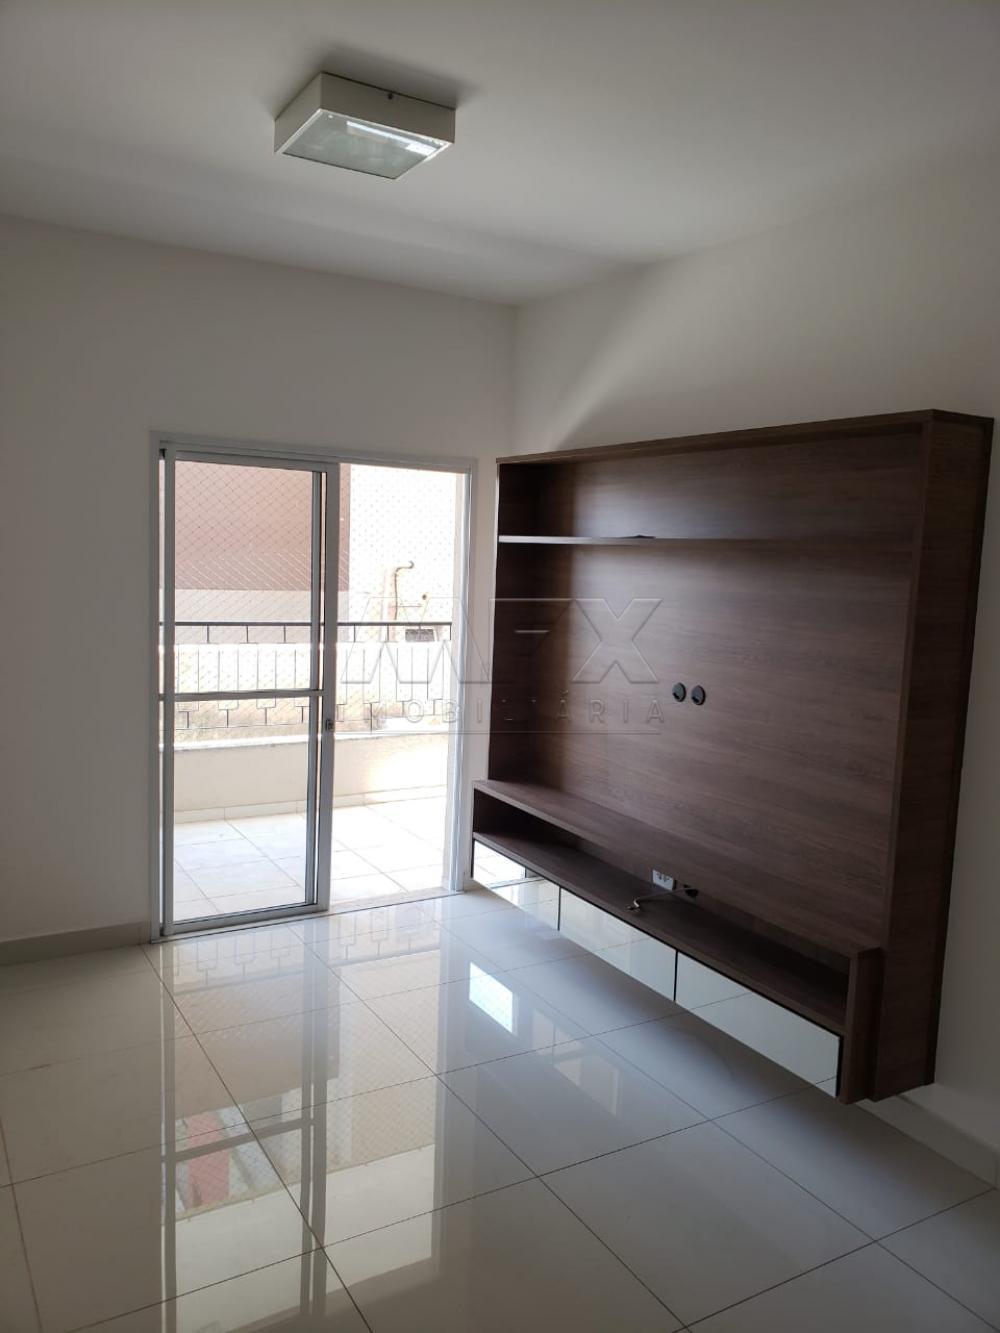 Alugar Apartamento / Padrão em Bauru apenas R$ 1.800,00 - Foto 3